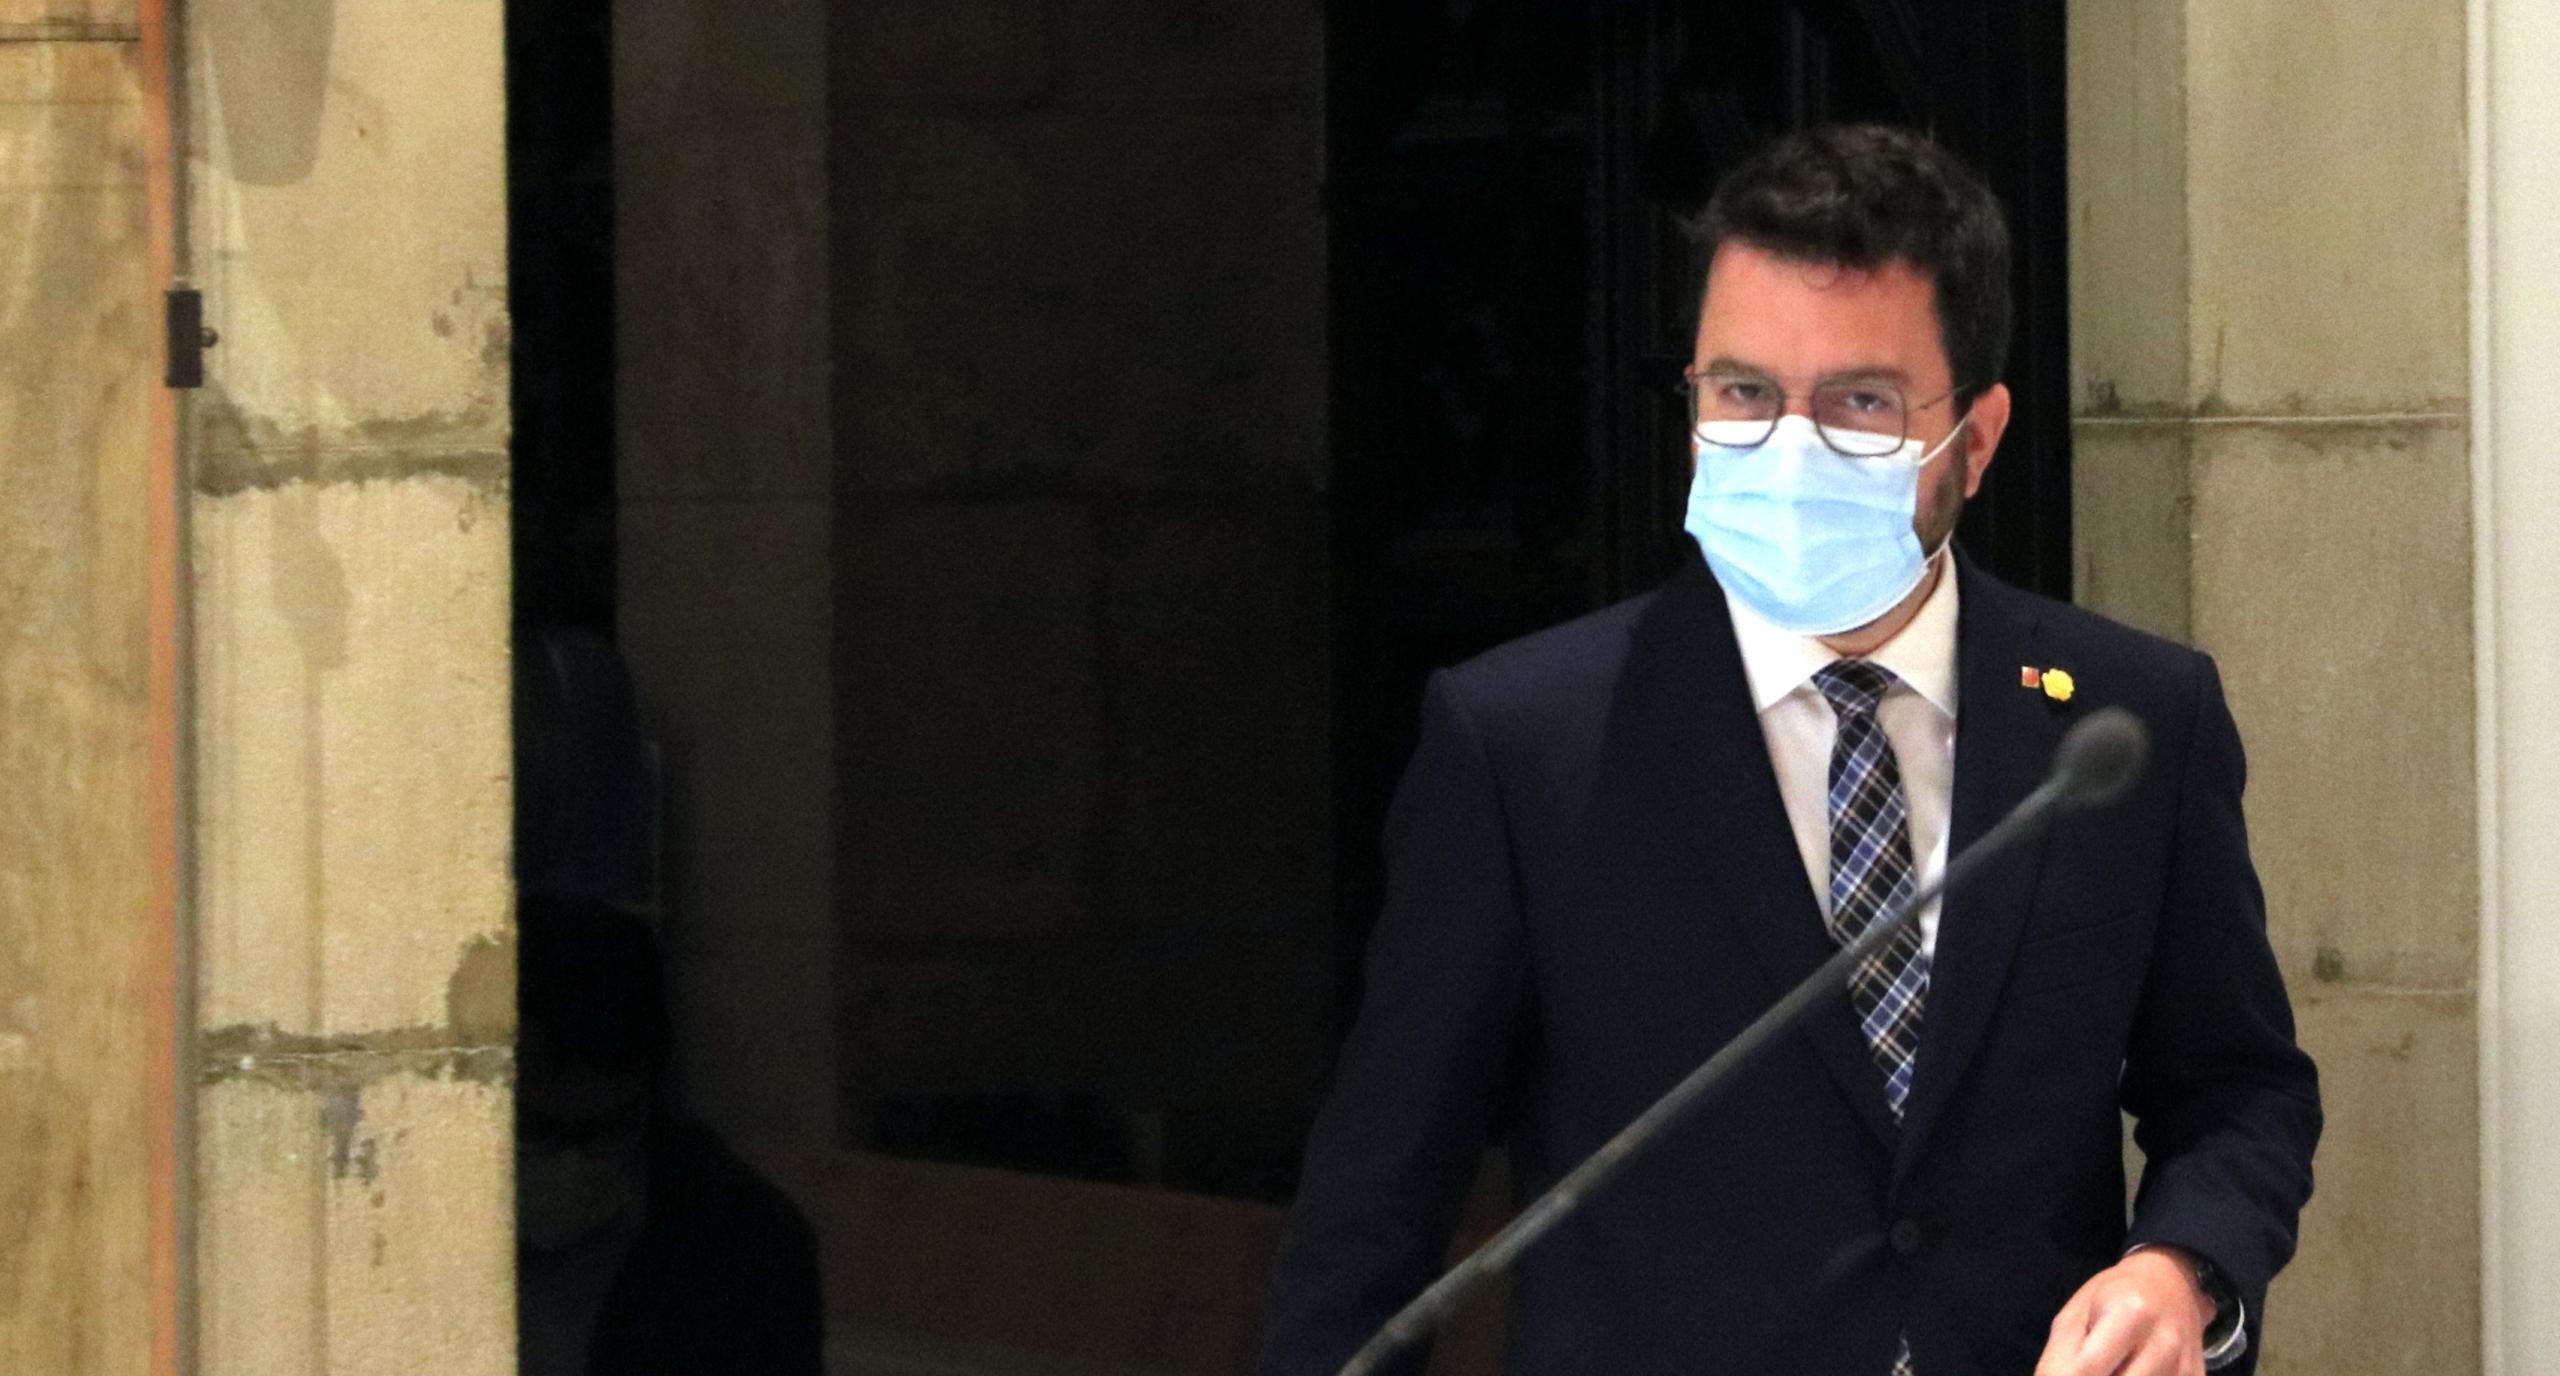 El president de la Generalitat, Pere Aragonès, abans de comparèixer en motiu del desacord sobre l'aeroport de Barcelona | ACN